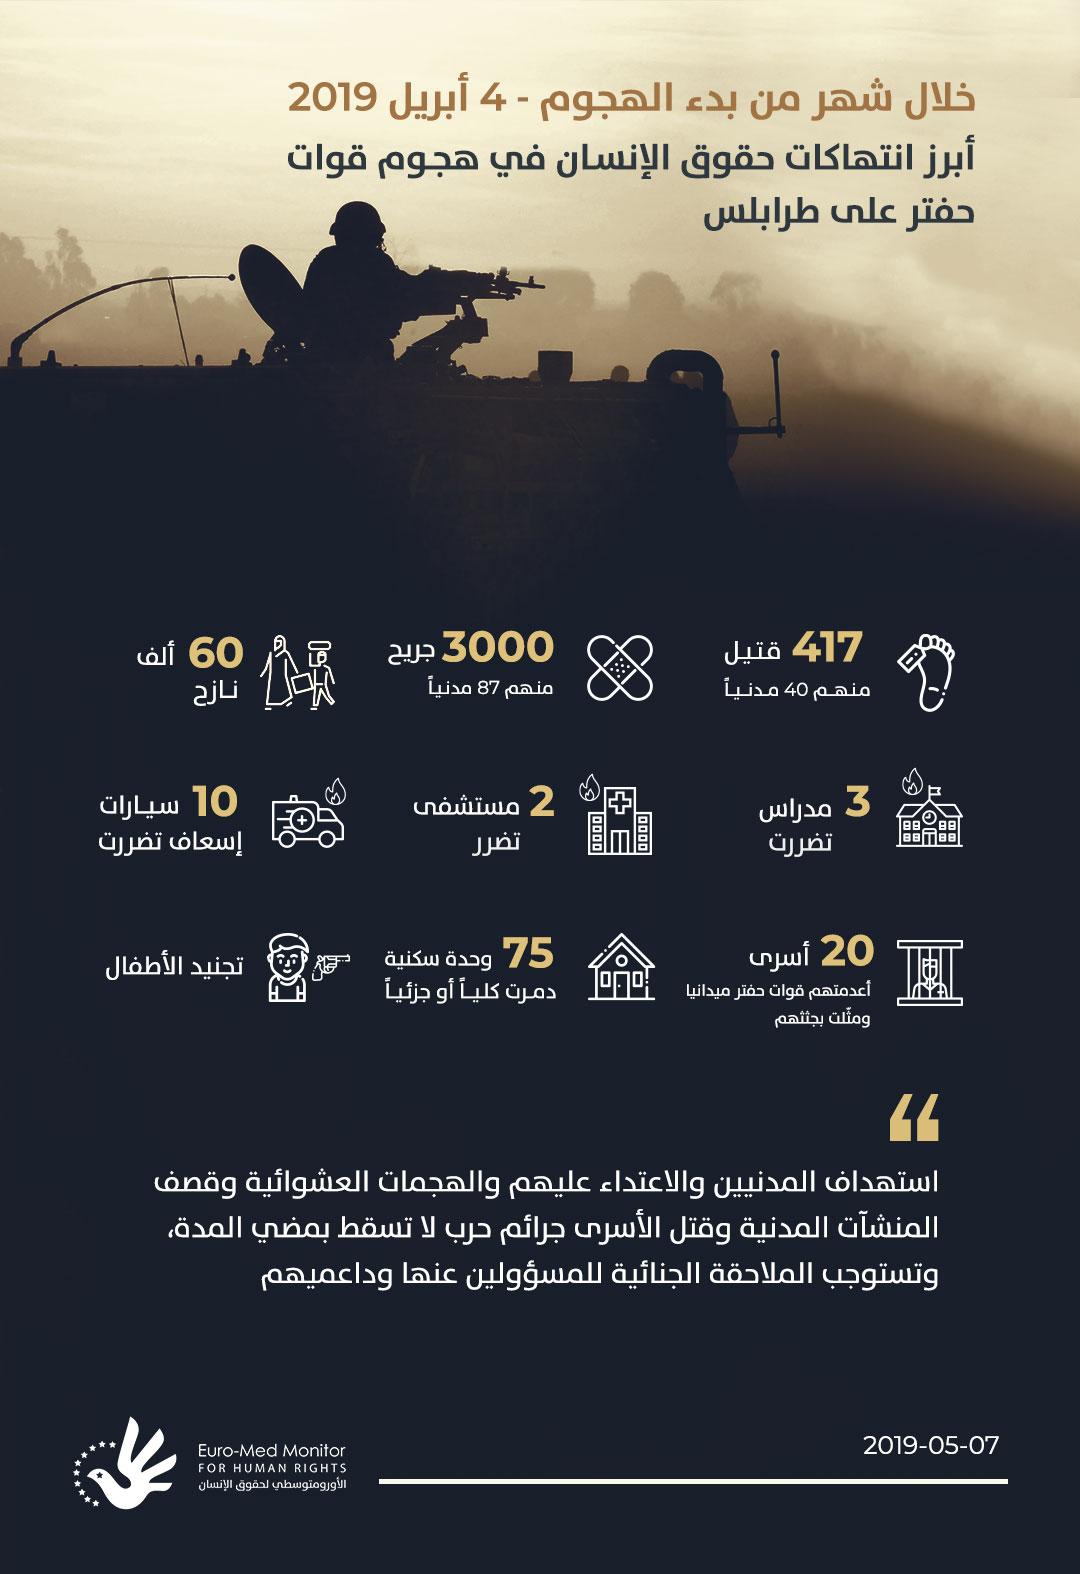 أبرز انتهاكات حقوق الإنسان في هجوم قوات حفتر على طرابلس خلال شهر من بدء الهجوم -4 أبريل 2019